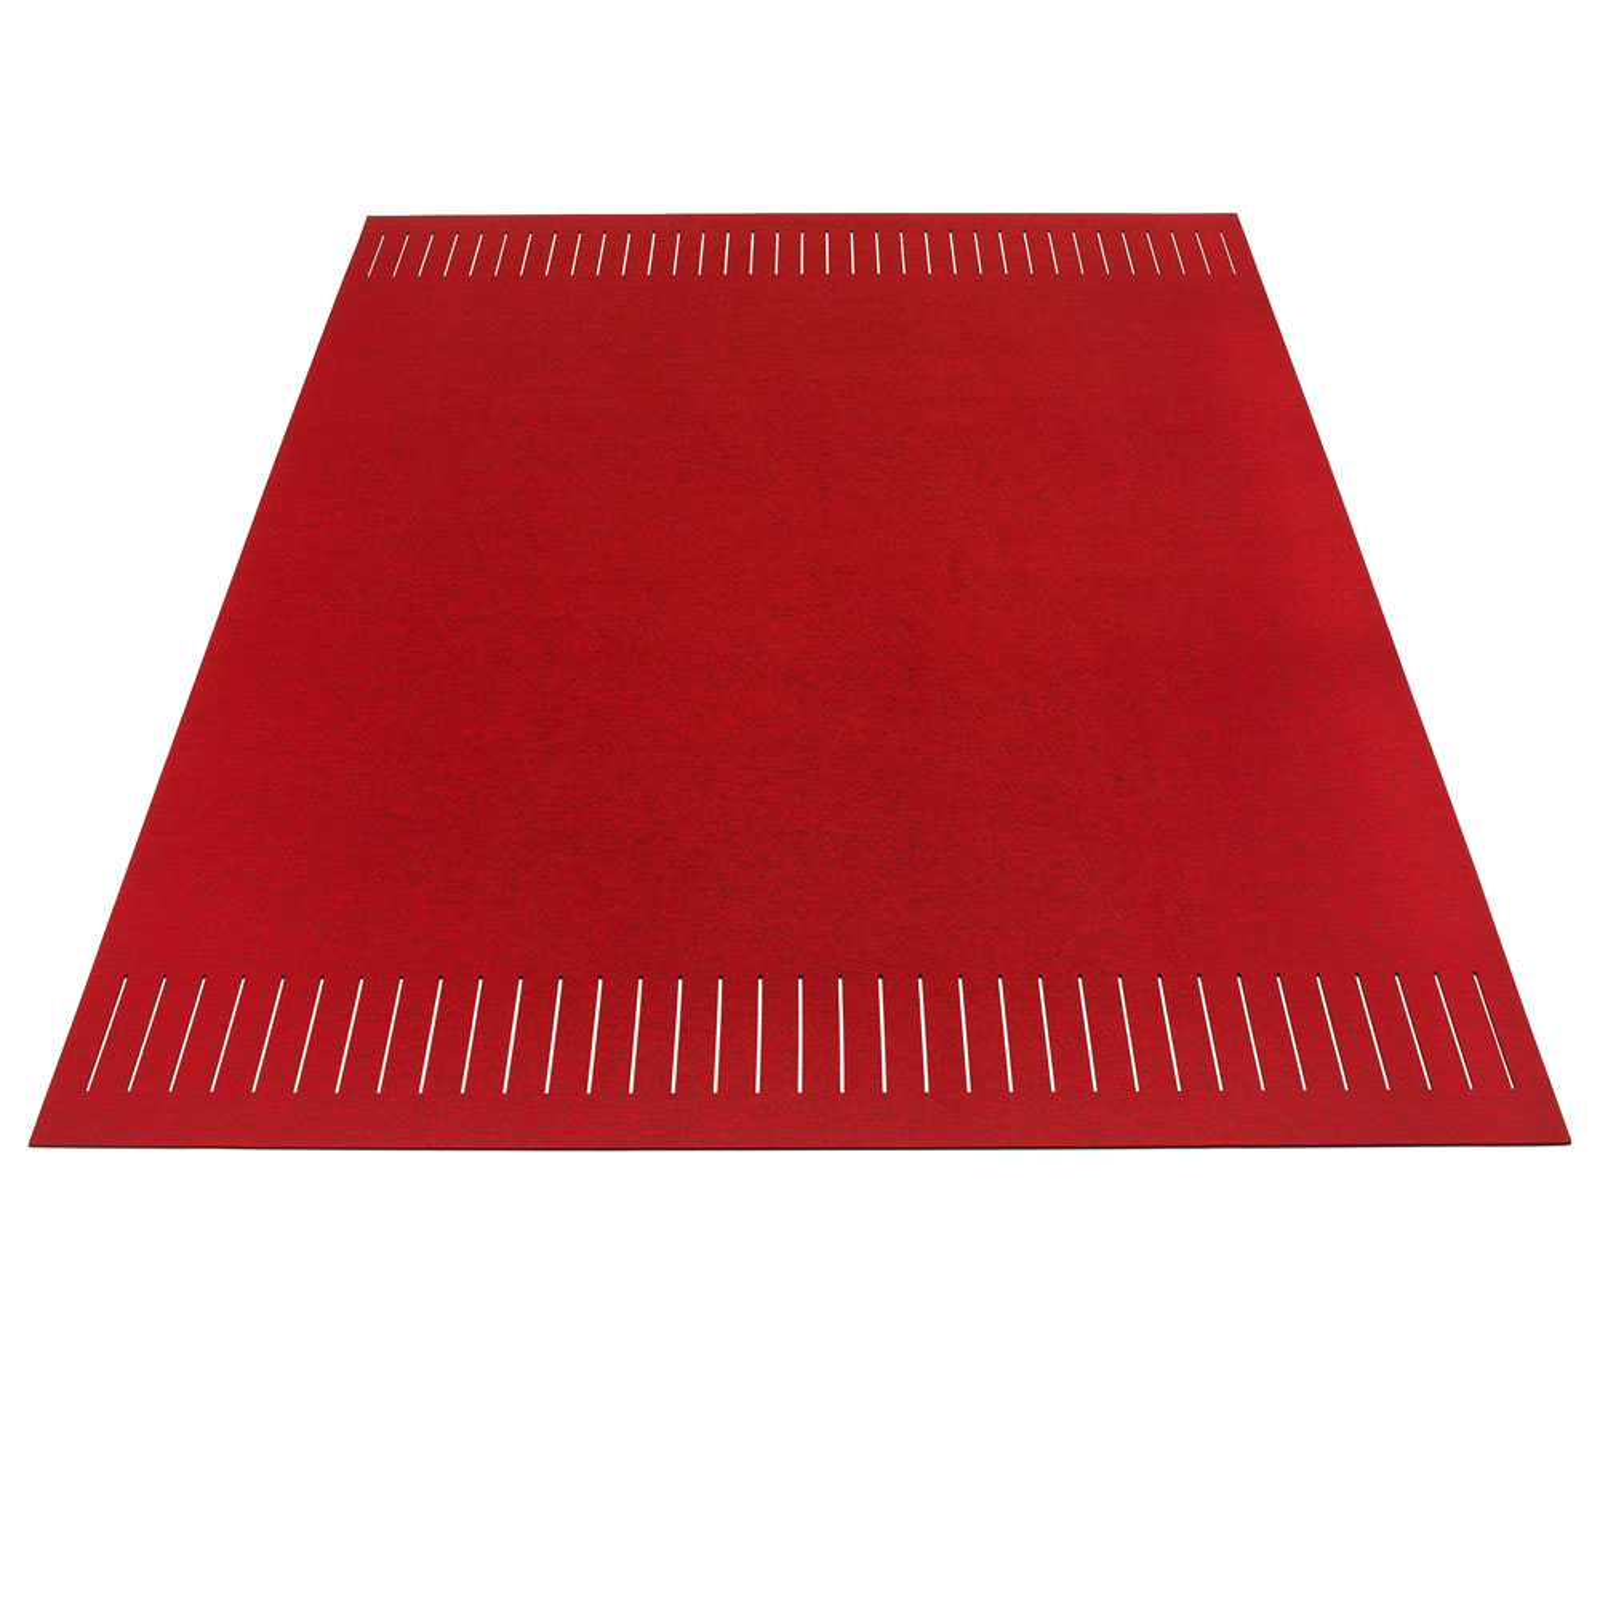 Teppich zweimal quer geschlitzt - Farbe 72 Flamenco